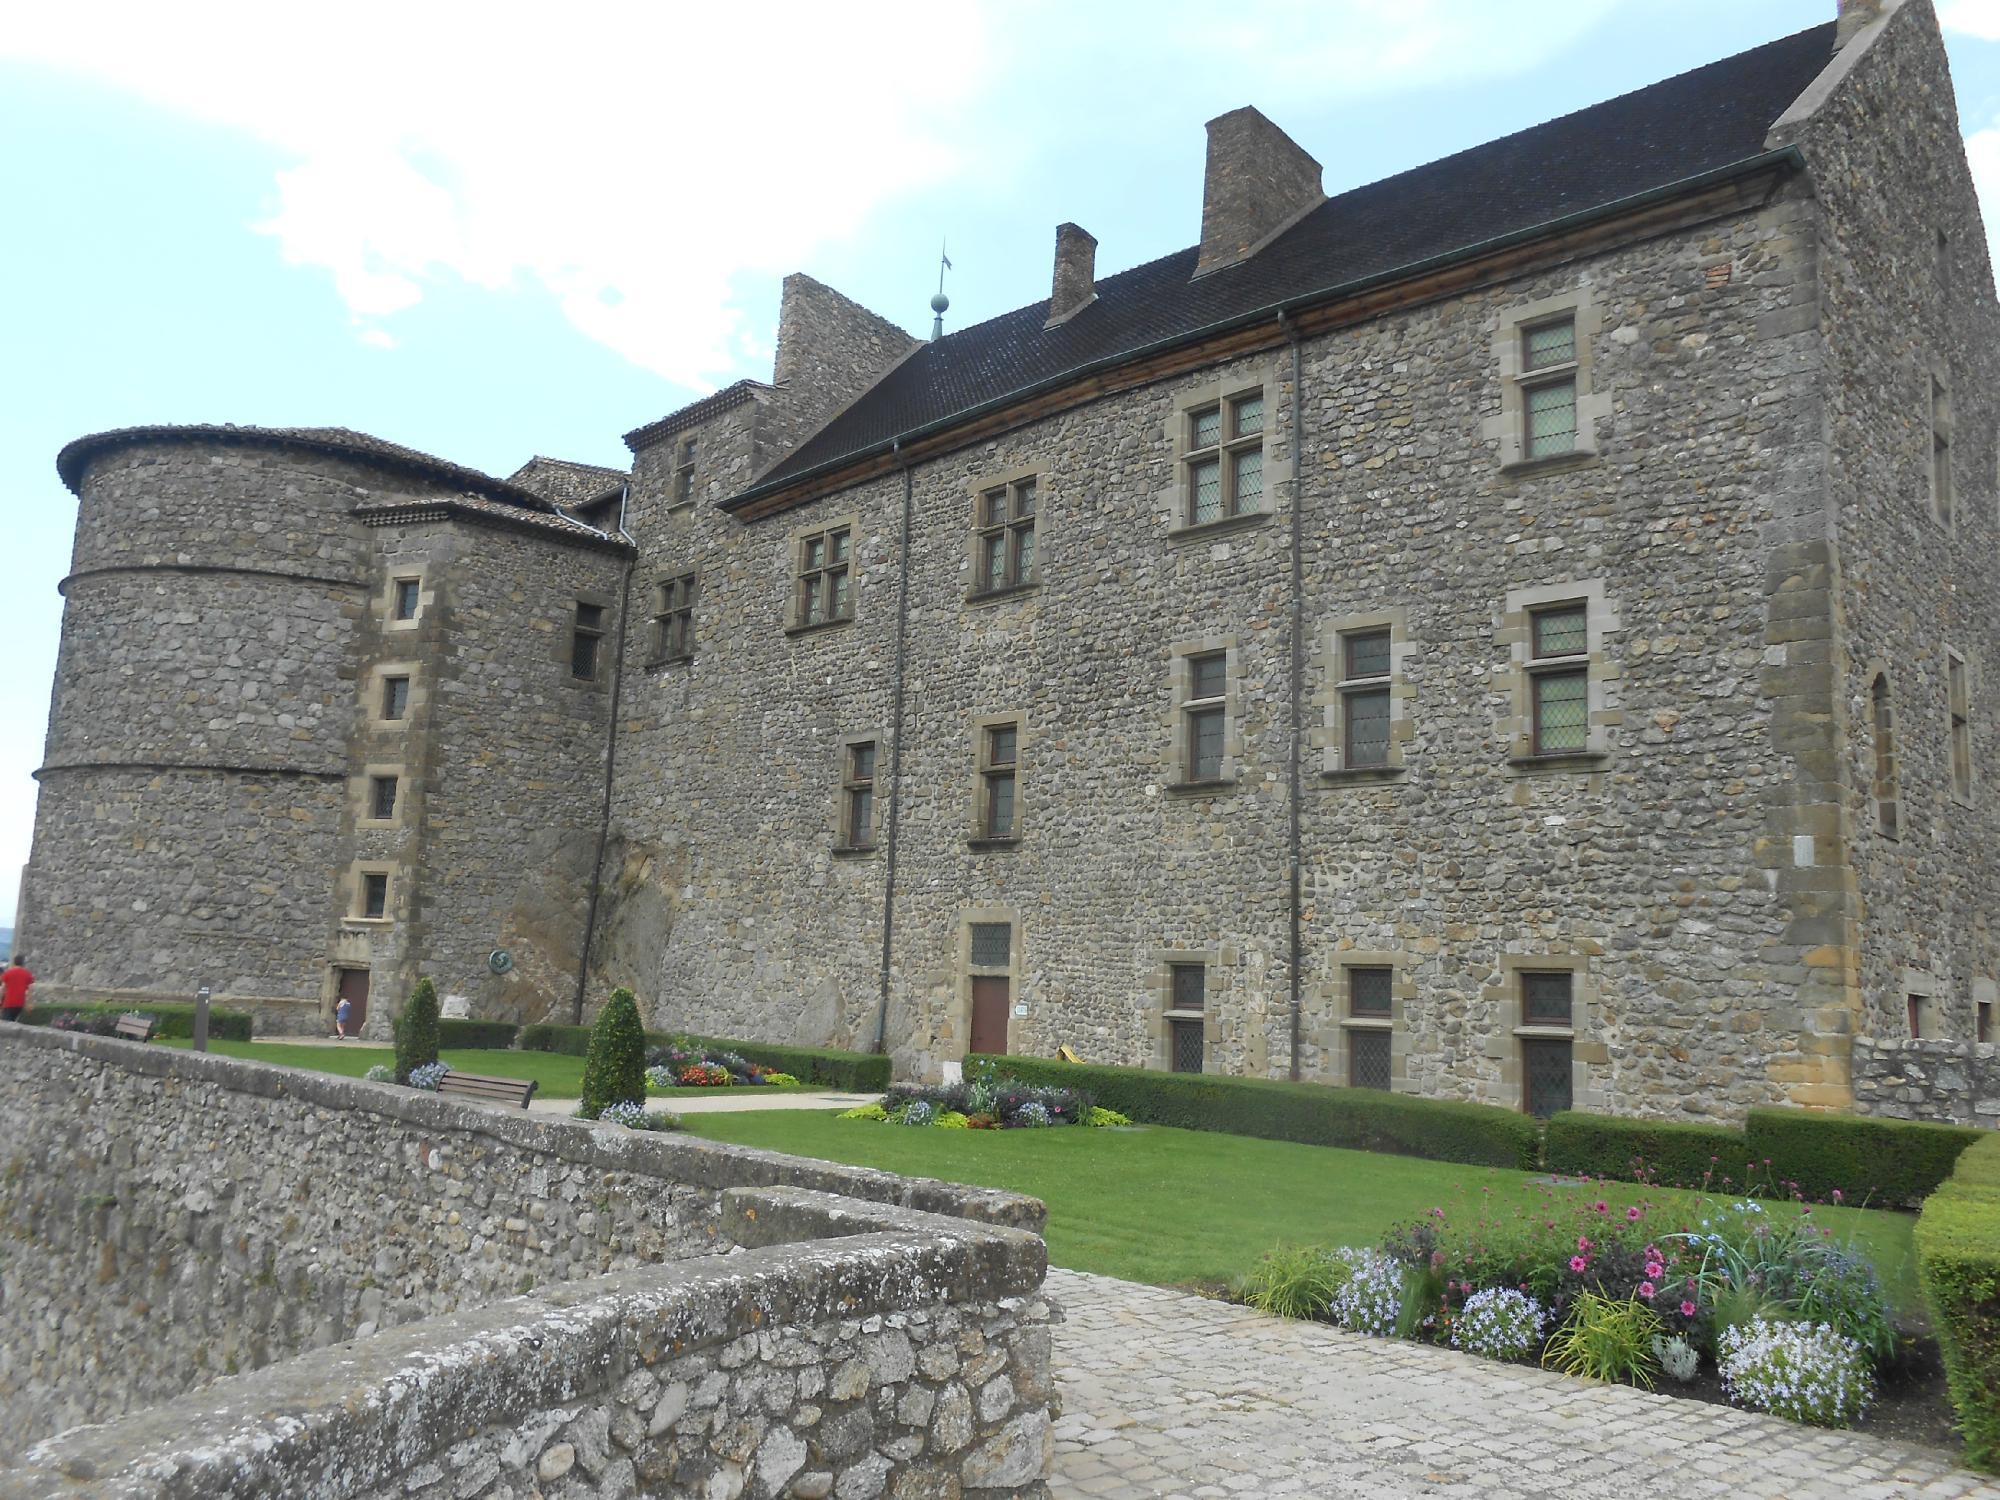 1265-chateau-musee-tournon-ardeche.jpg